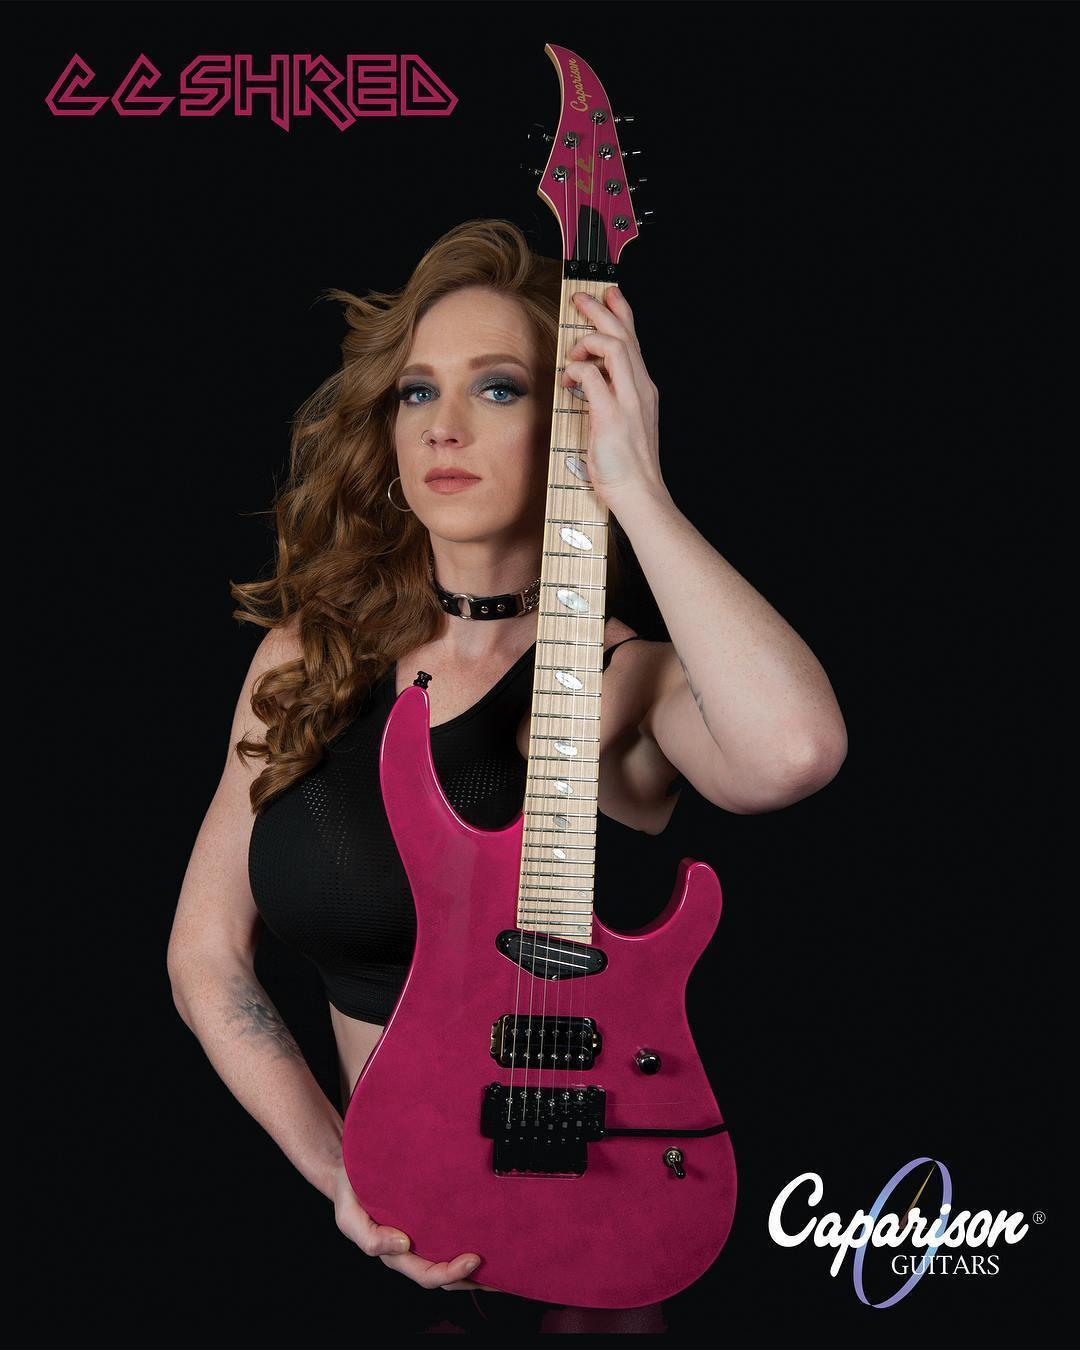 Courtney Cox (obtenido de https://geargods.net/signature-instruments/caparison-guitars-launches-signature-guitar-for-courtney-cox-of-the-iron-maidens/)